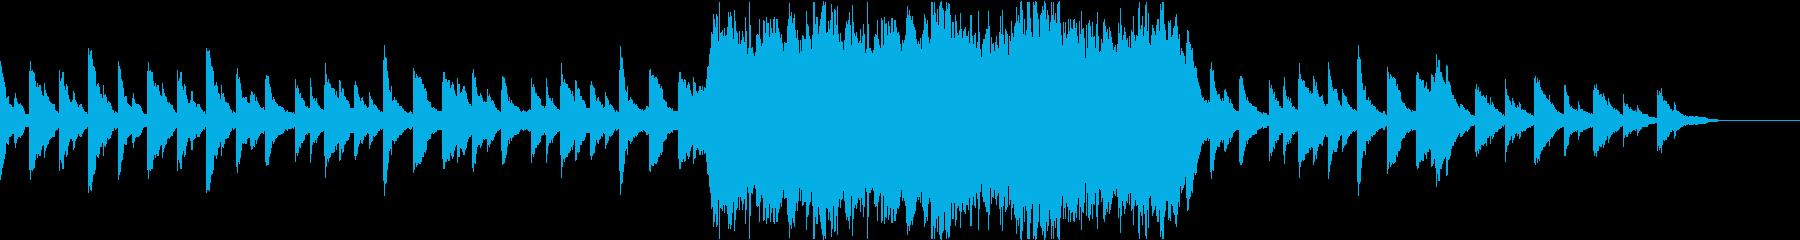 フルストリングパートを伴うインスピレーシの再生済みの波形